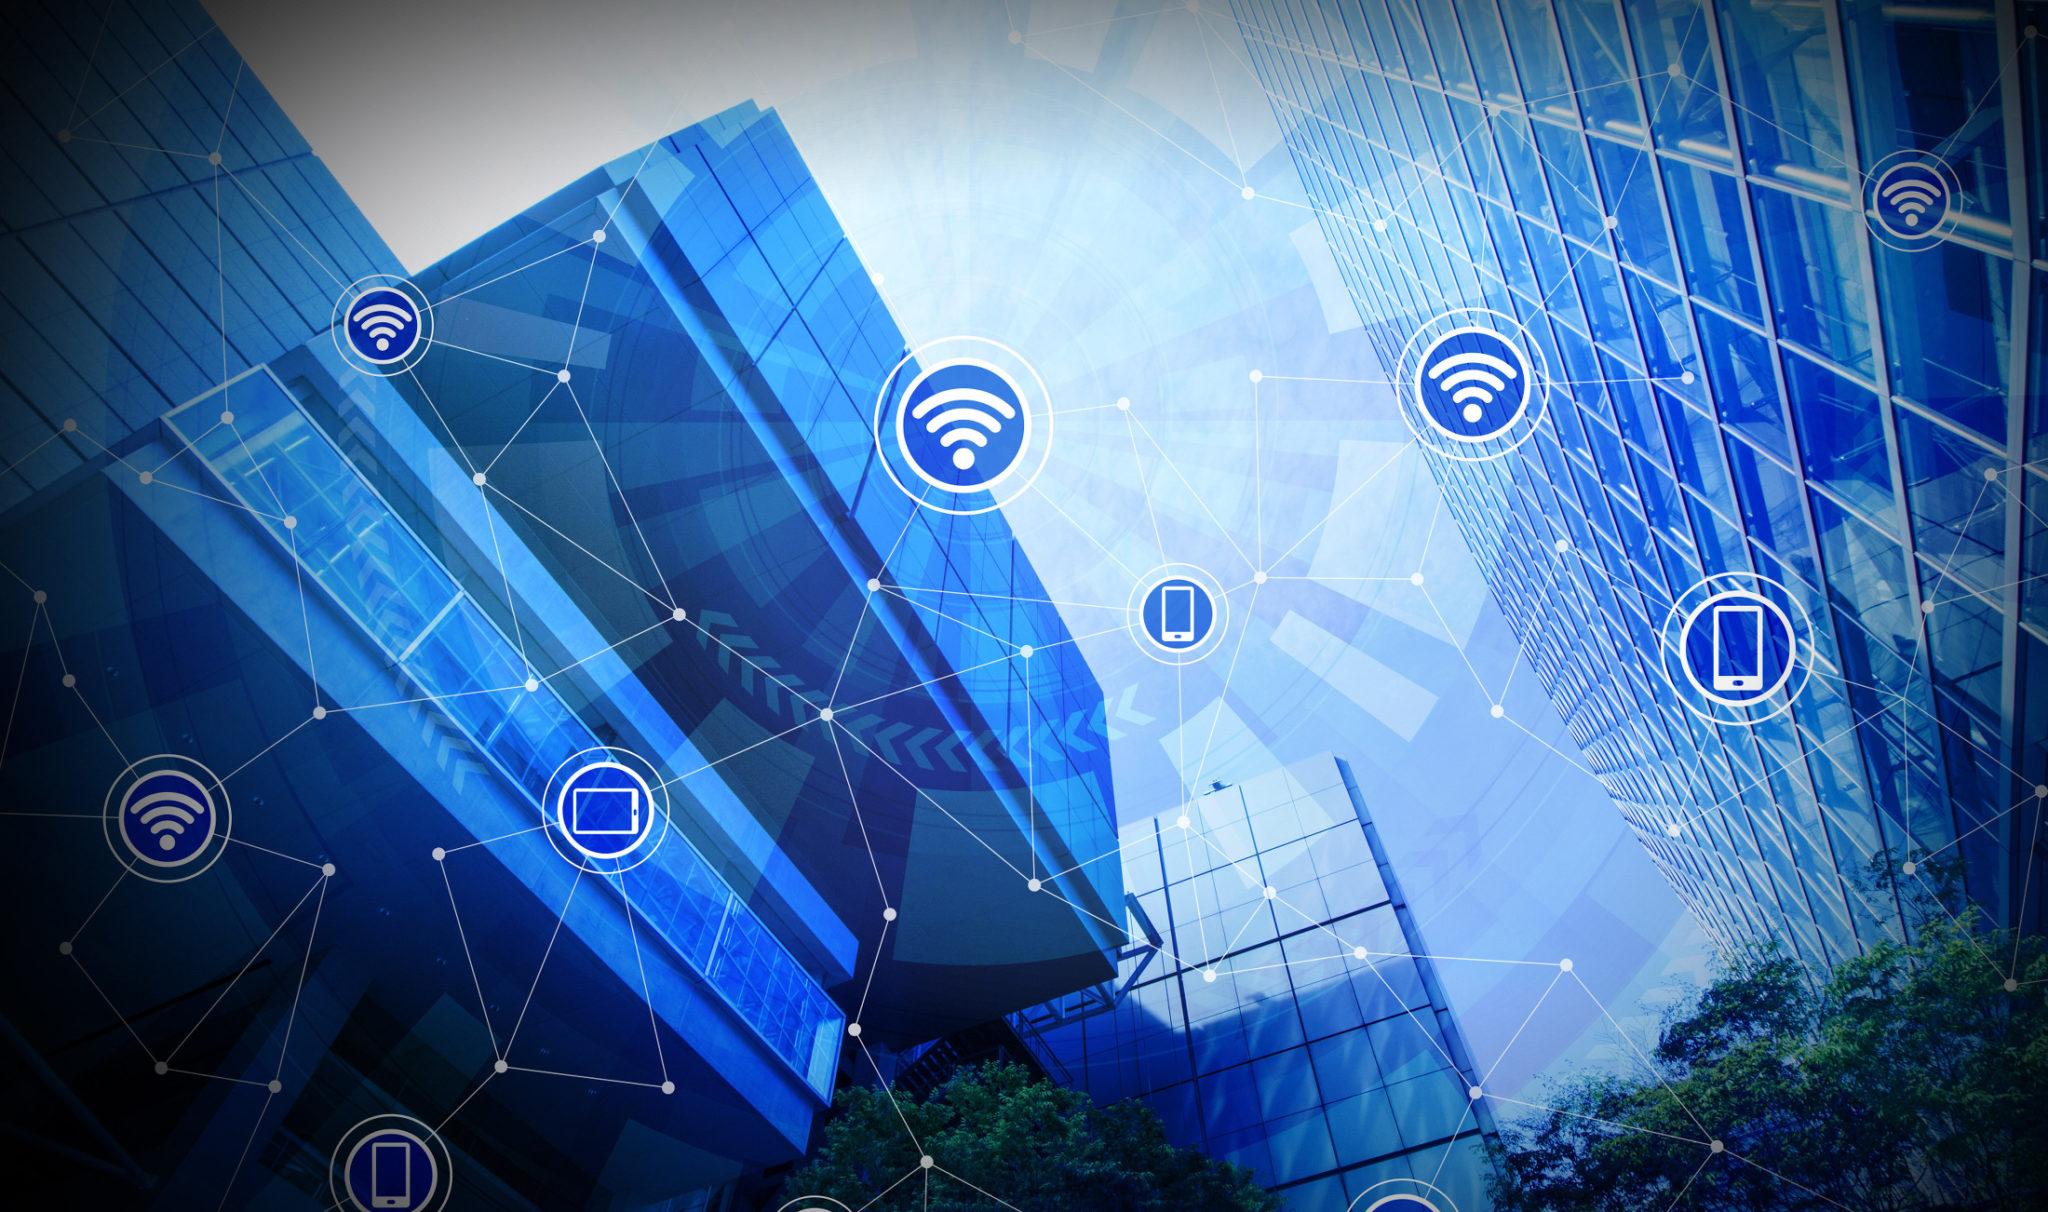 Objets connectés: où en sont les réseaux dédiés IoT?